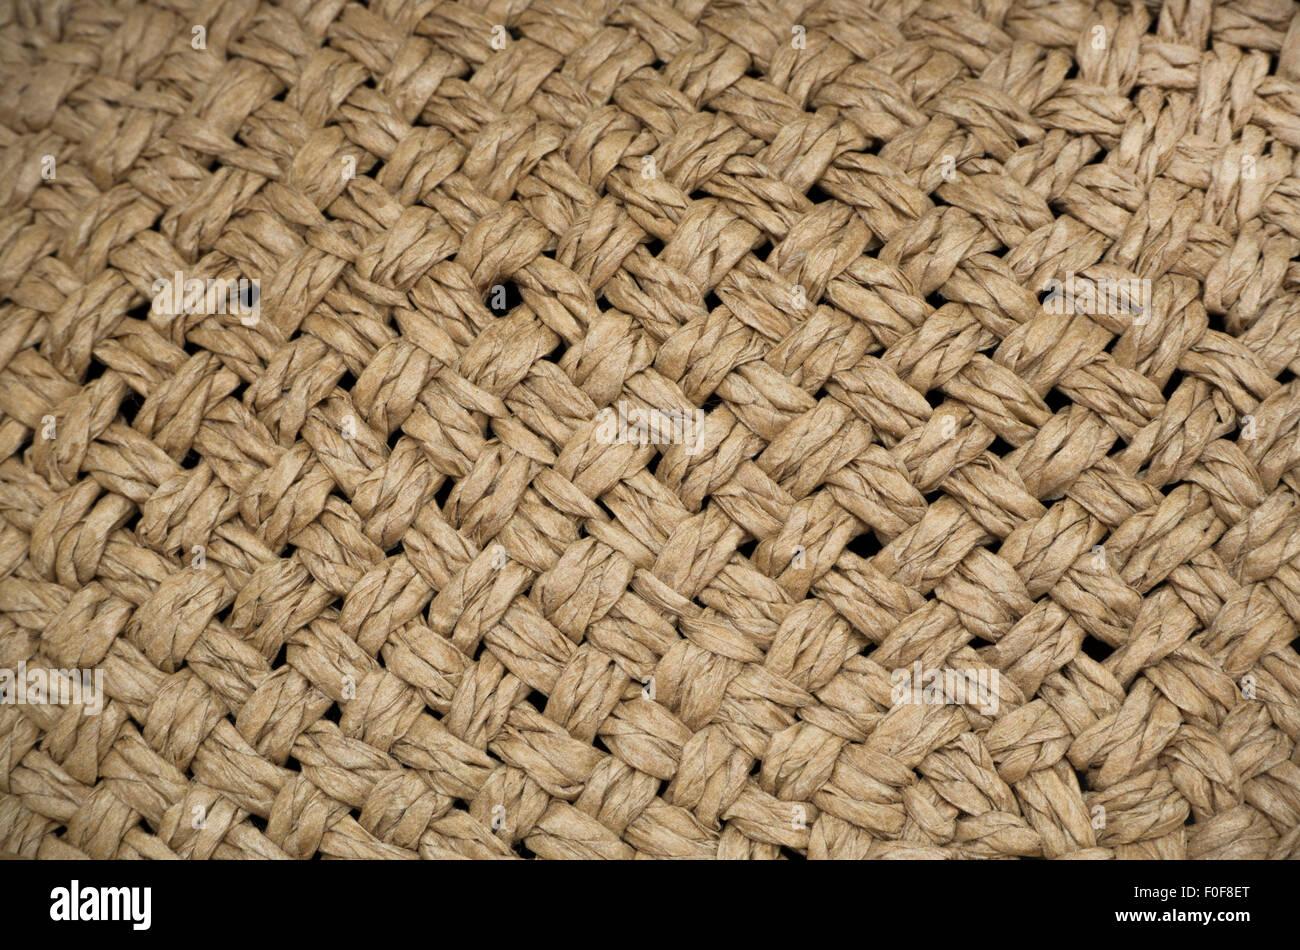 Weave Hemp Stockfotos & Weave Hemp Bilder - Alamy